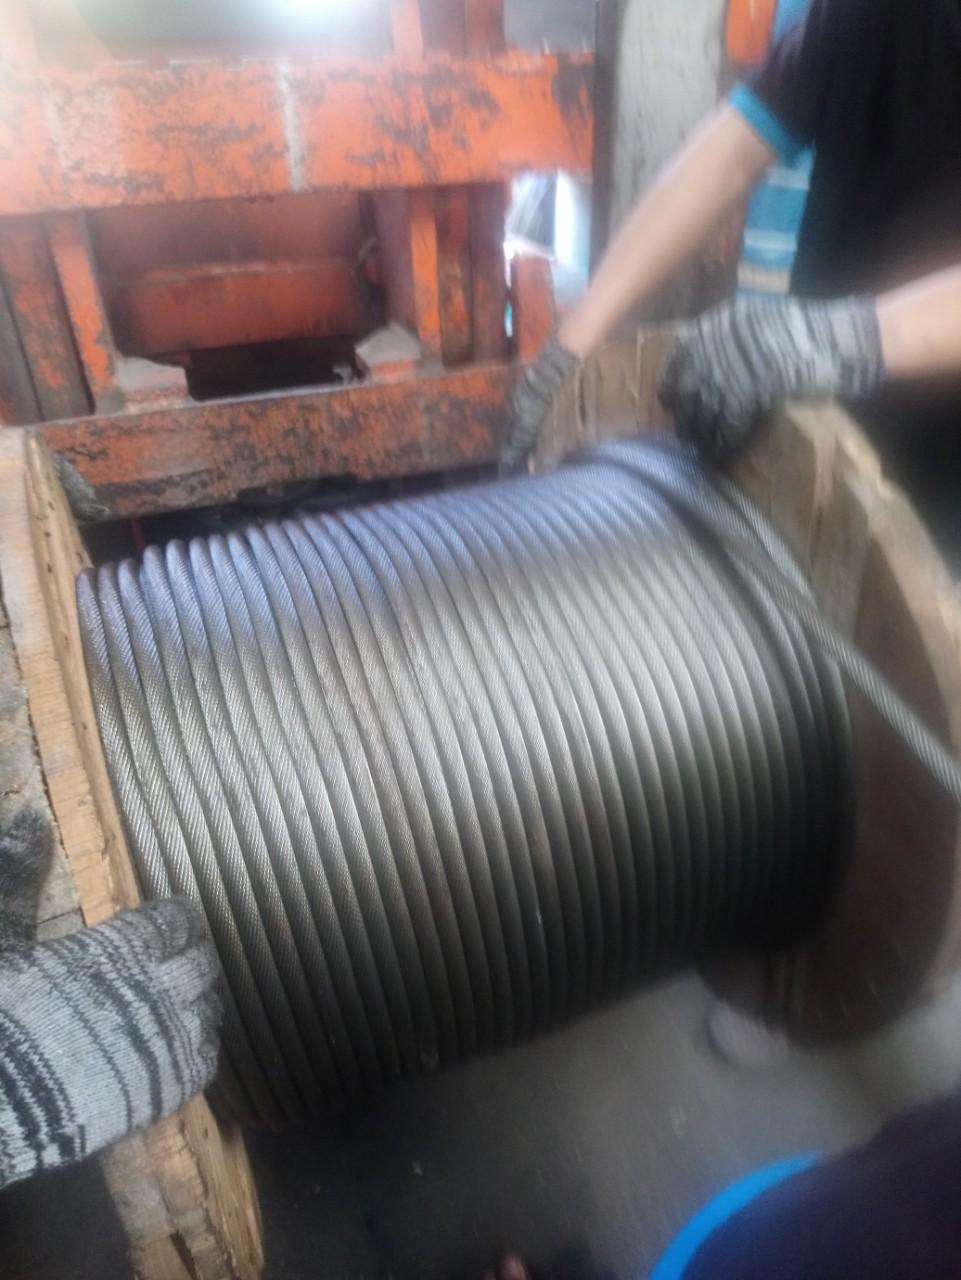 sử dụng cáp chống xoắn , công ty TNHH Lê Hà Vina , Cáp chống xoắn , dây cáp chất lượng cao